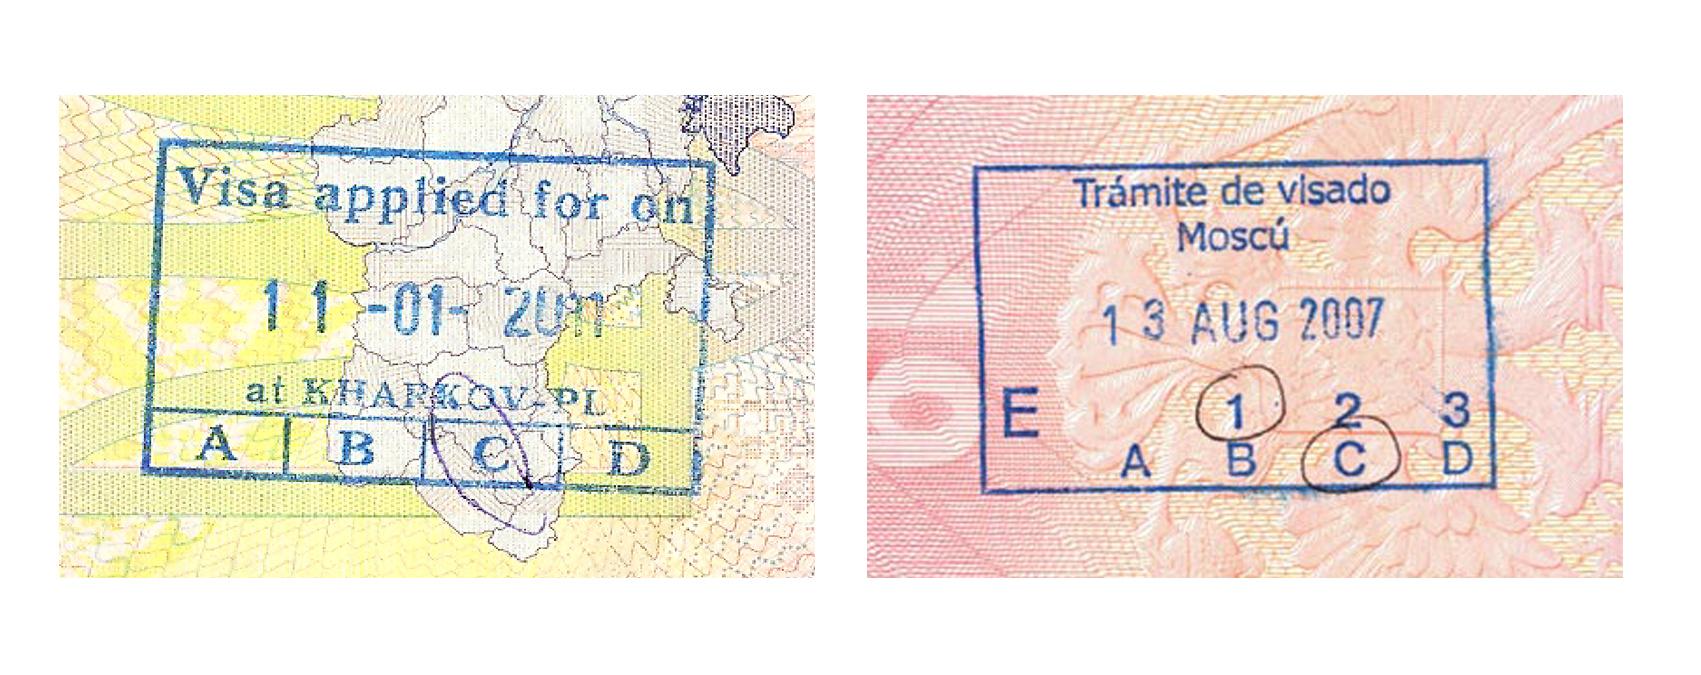 Полезная информация о типах и причинах отказов при выдаче визы